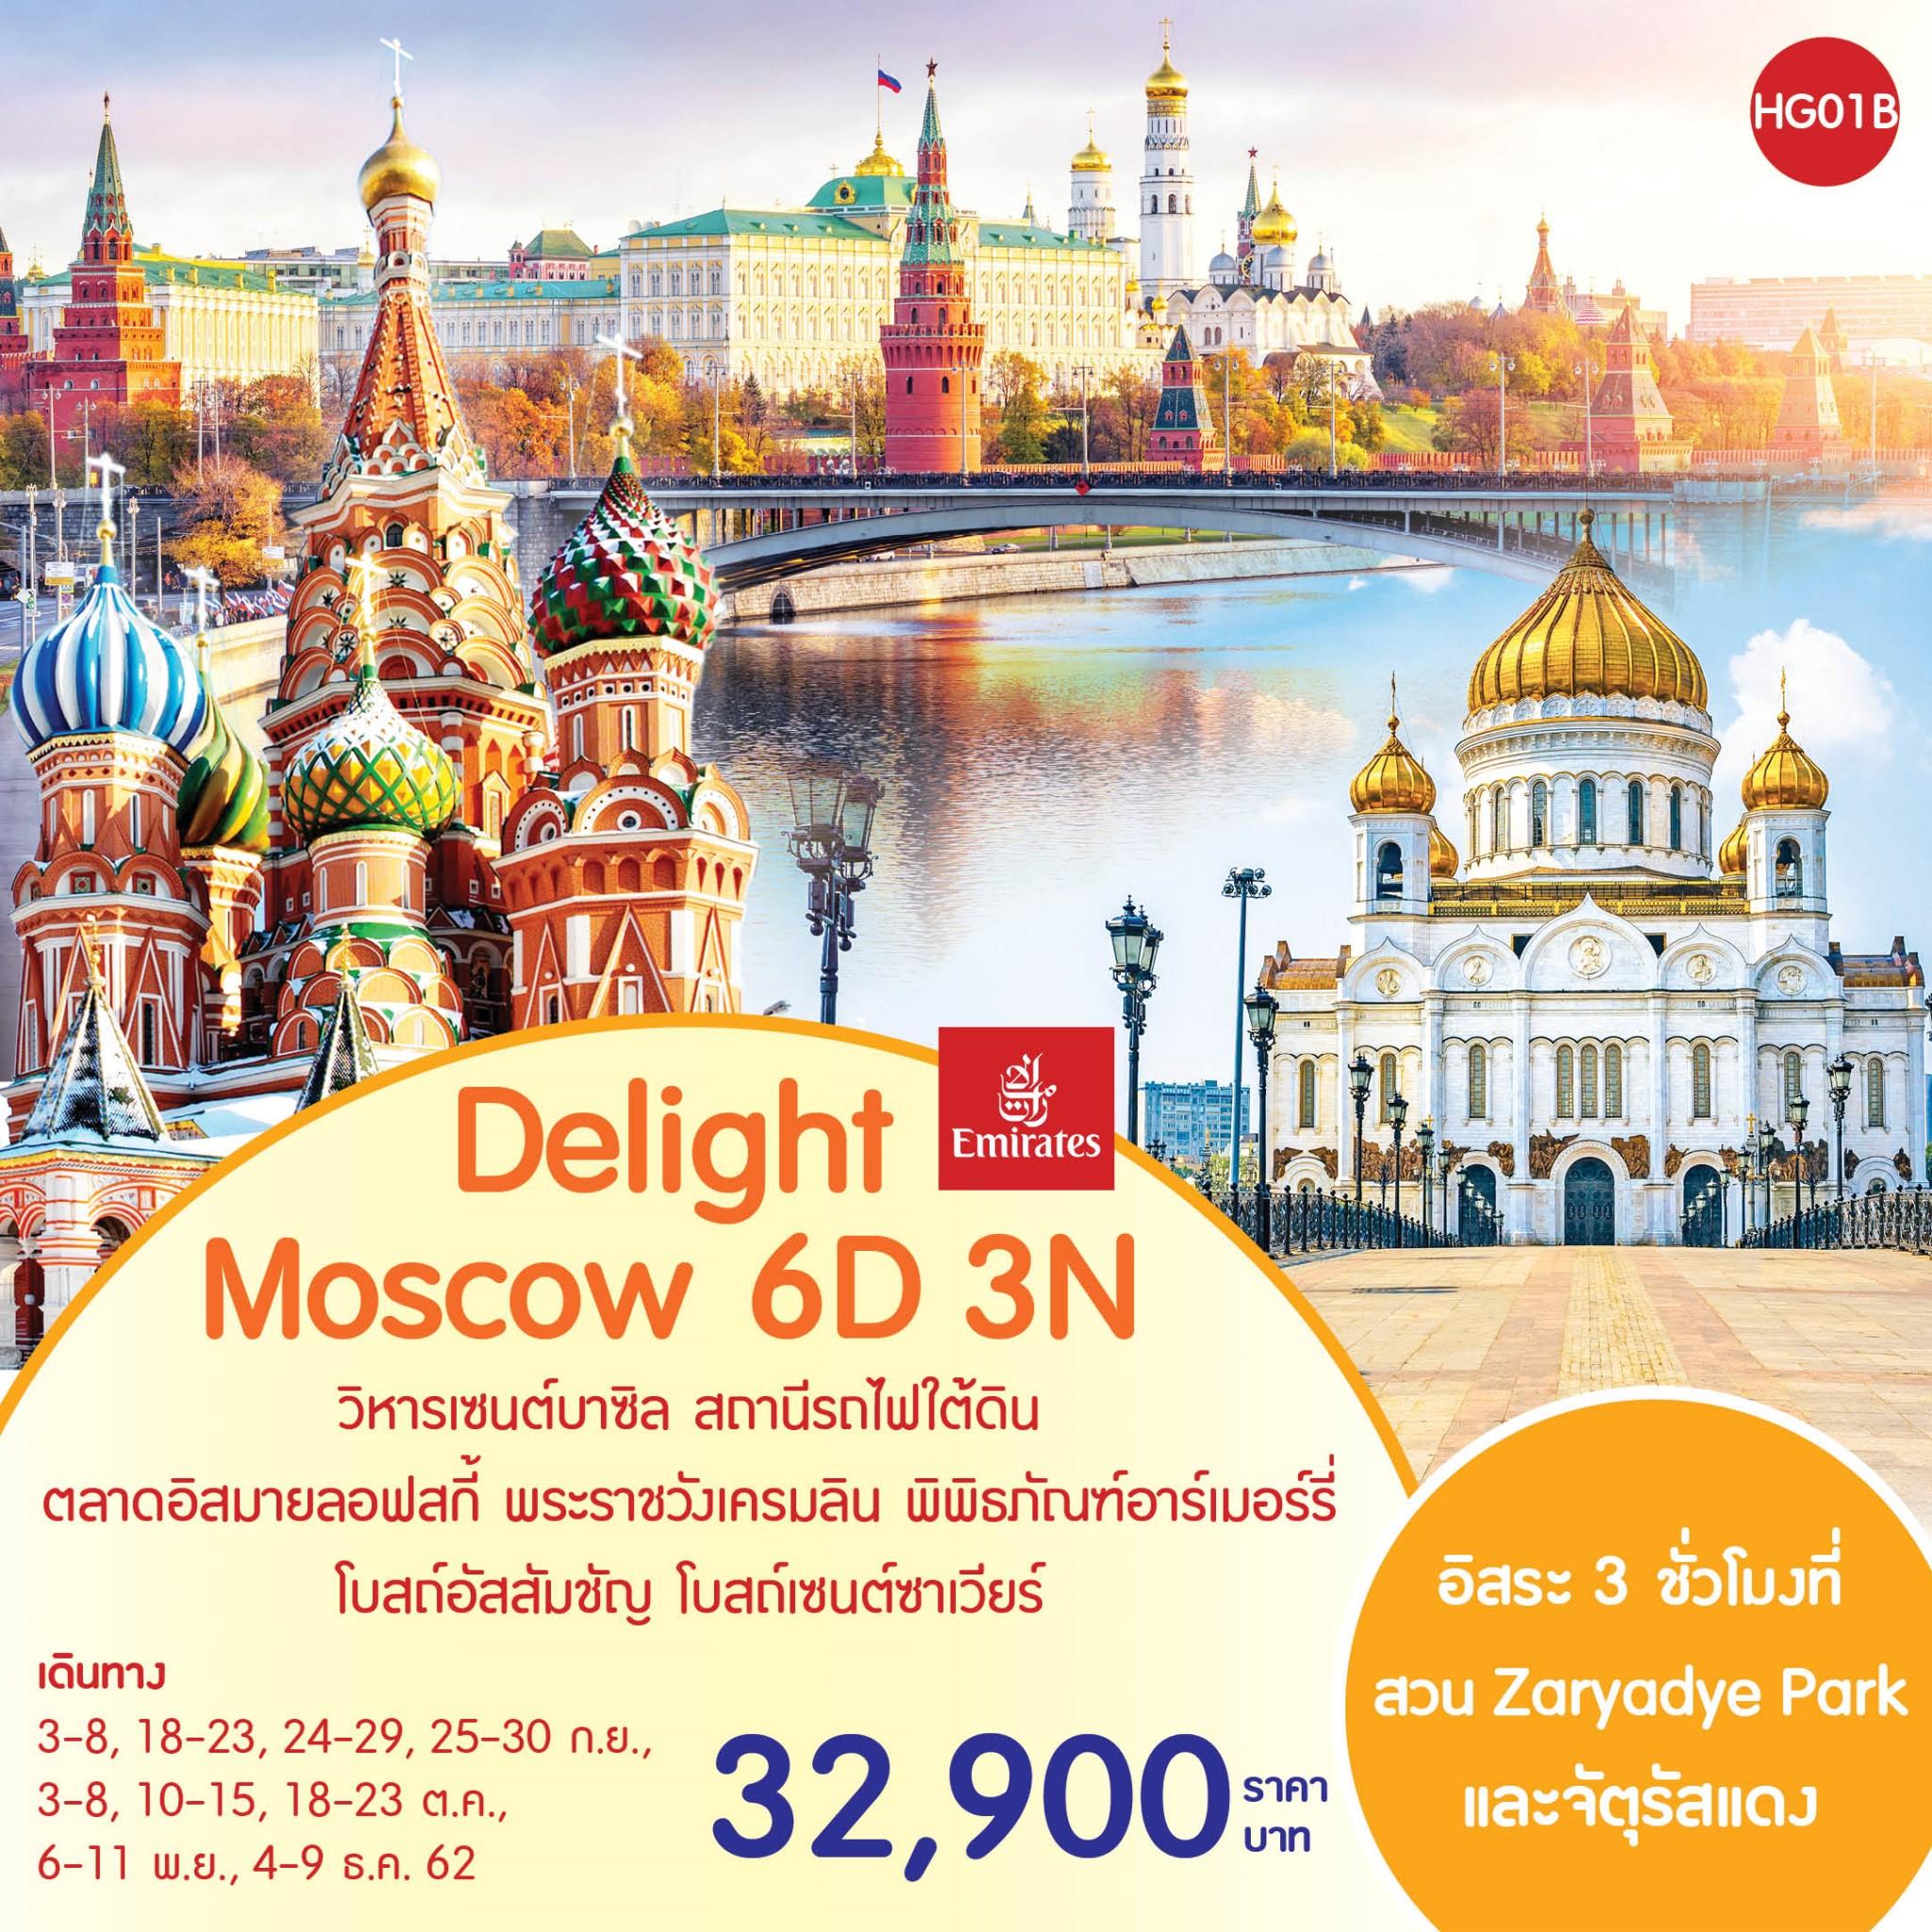 ทัวร์รัสเซีย Delight Moscow 6D3N